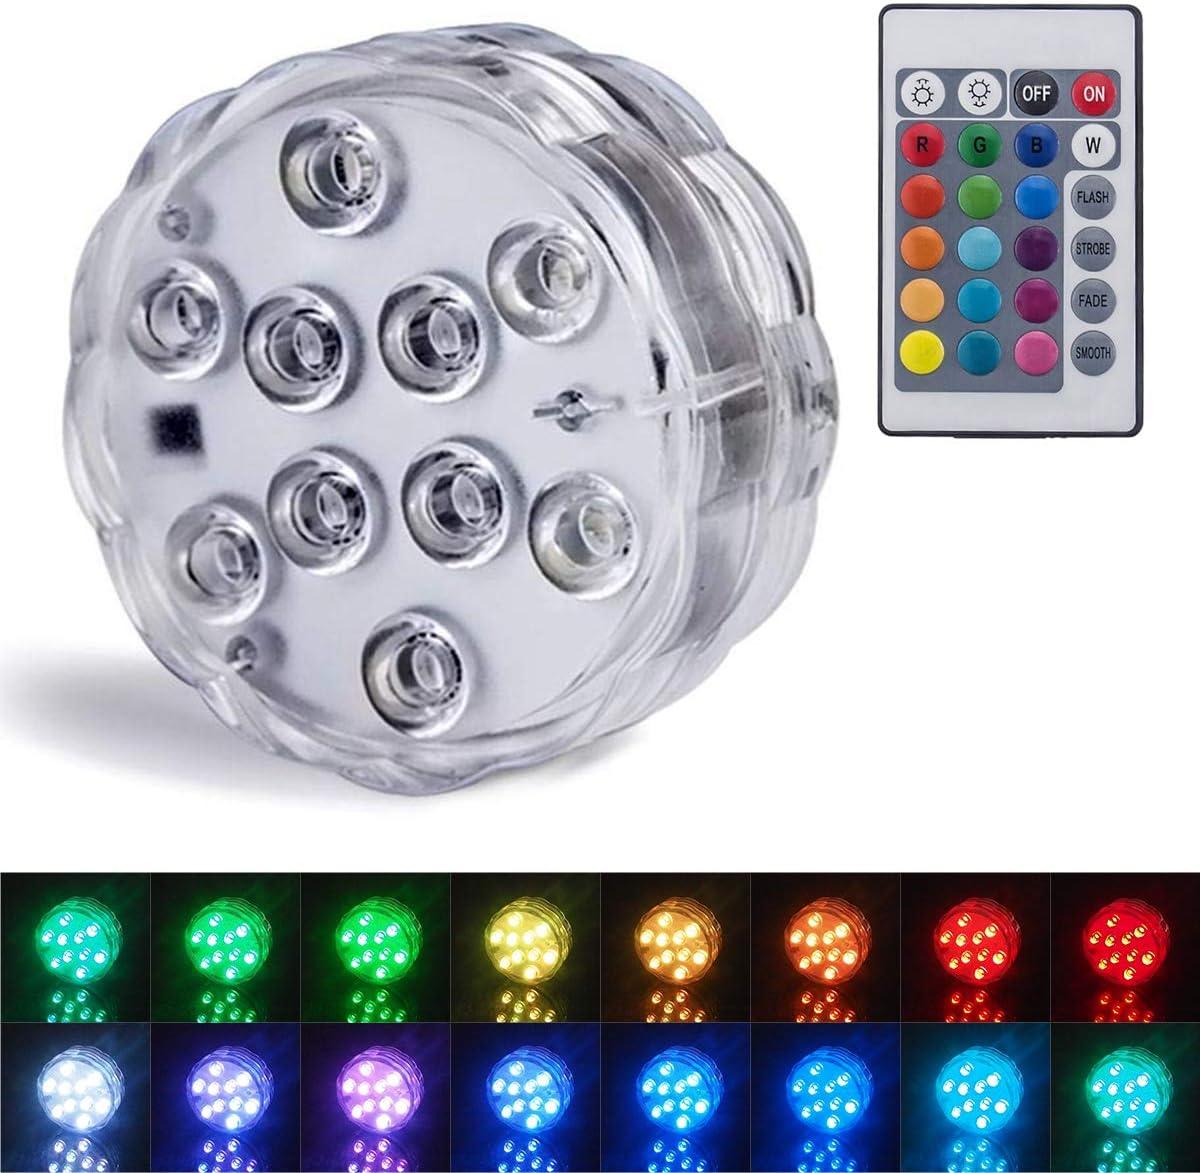 Luces sumergibles Luces LED sumergibles con luces subacuáticas a prueba de agua